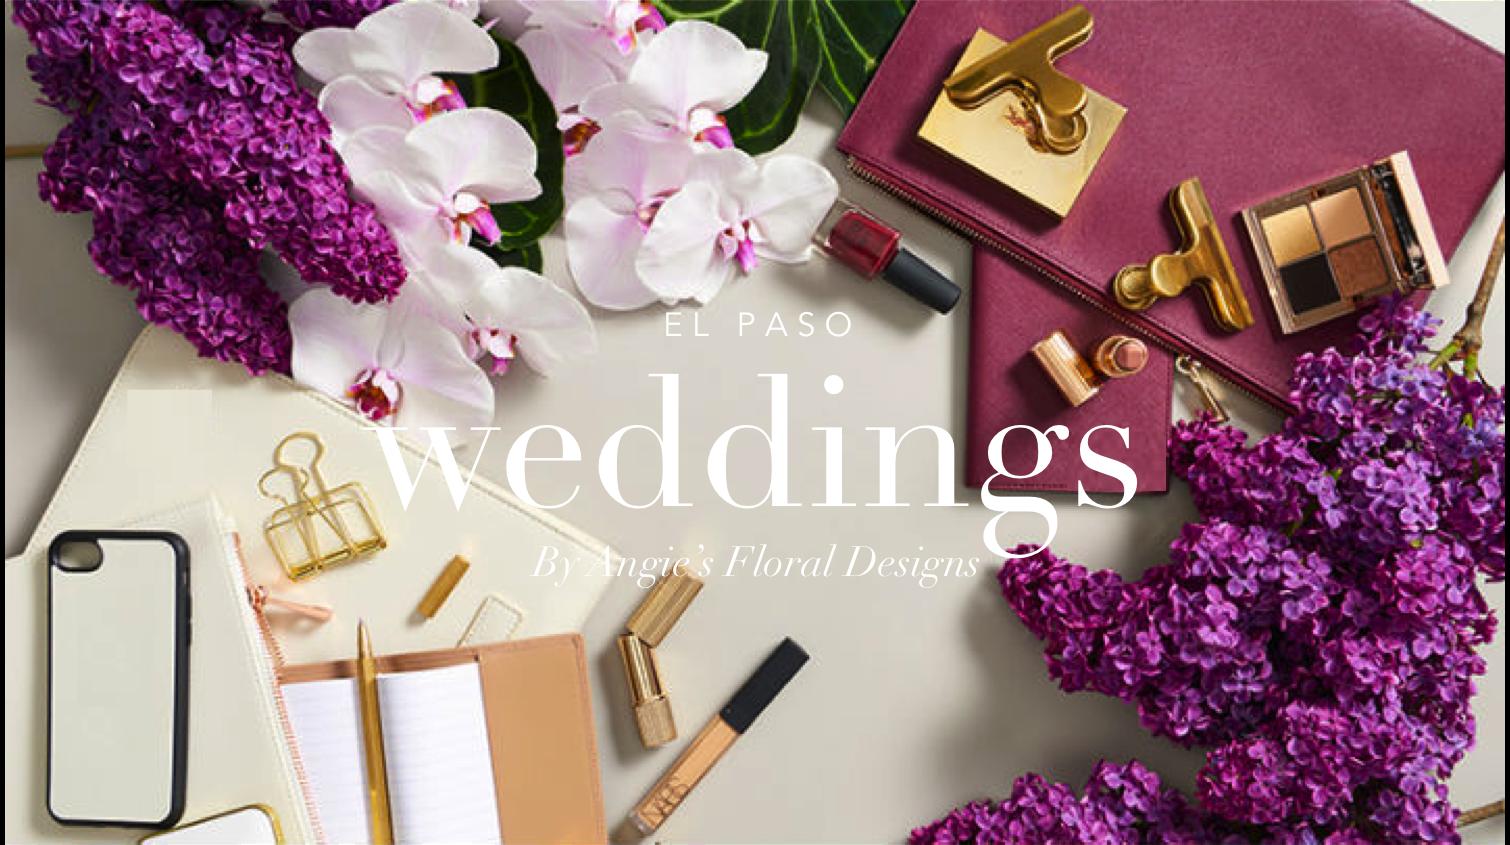 -.-a-gi-e-s-weddings-el-paso-florist-flowers-l-angies-flowers-angie-s-floral-designs-el-paso-business-accounts-floral-designs-plants-gifts-shopflores-online-el-paso-texas-florist-flower-delivery-weddings-events-79912.png